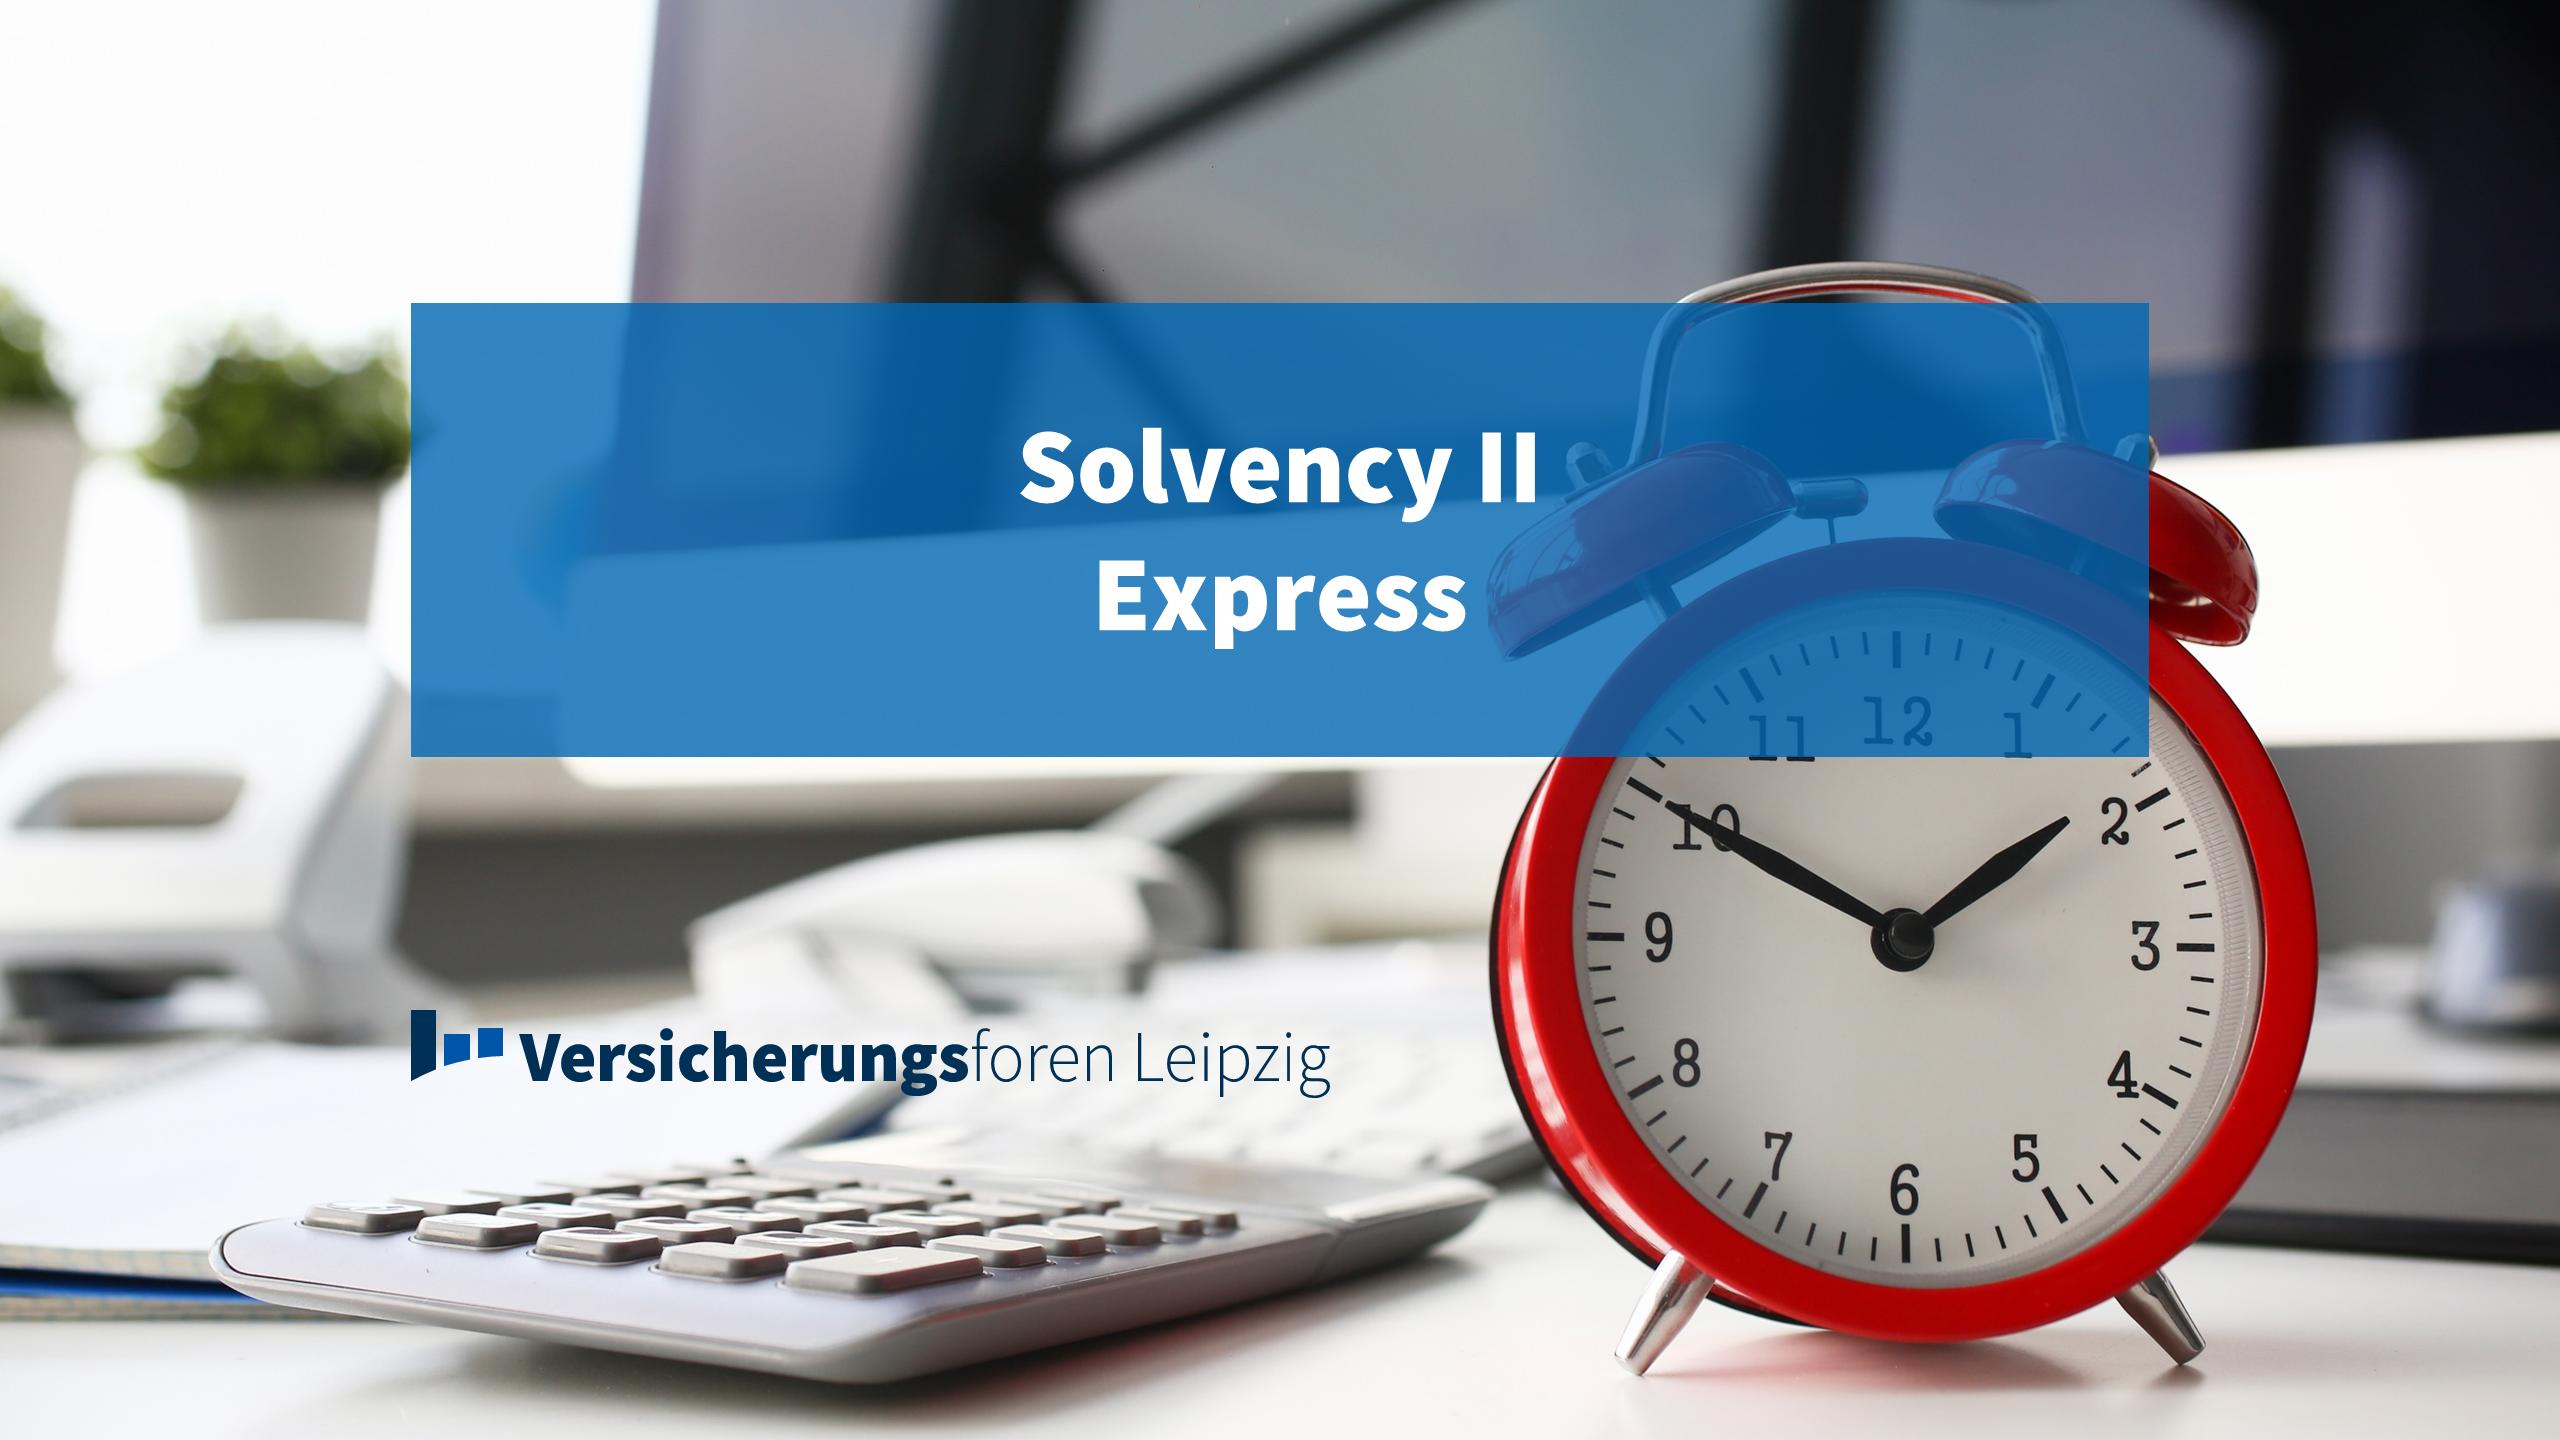 Web Based Training: Solvency II Express